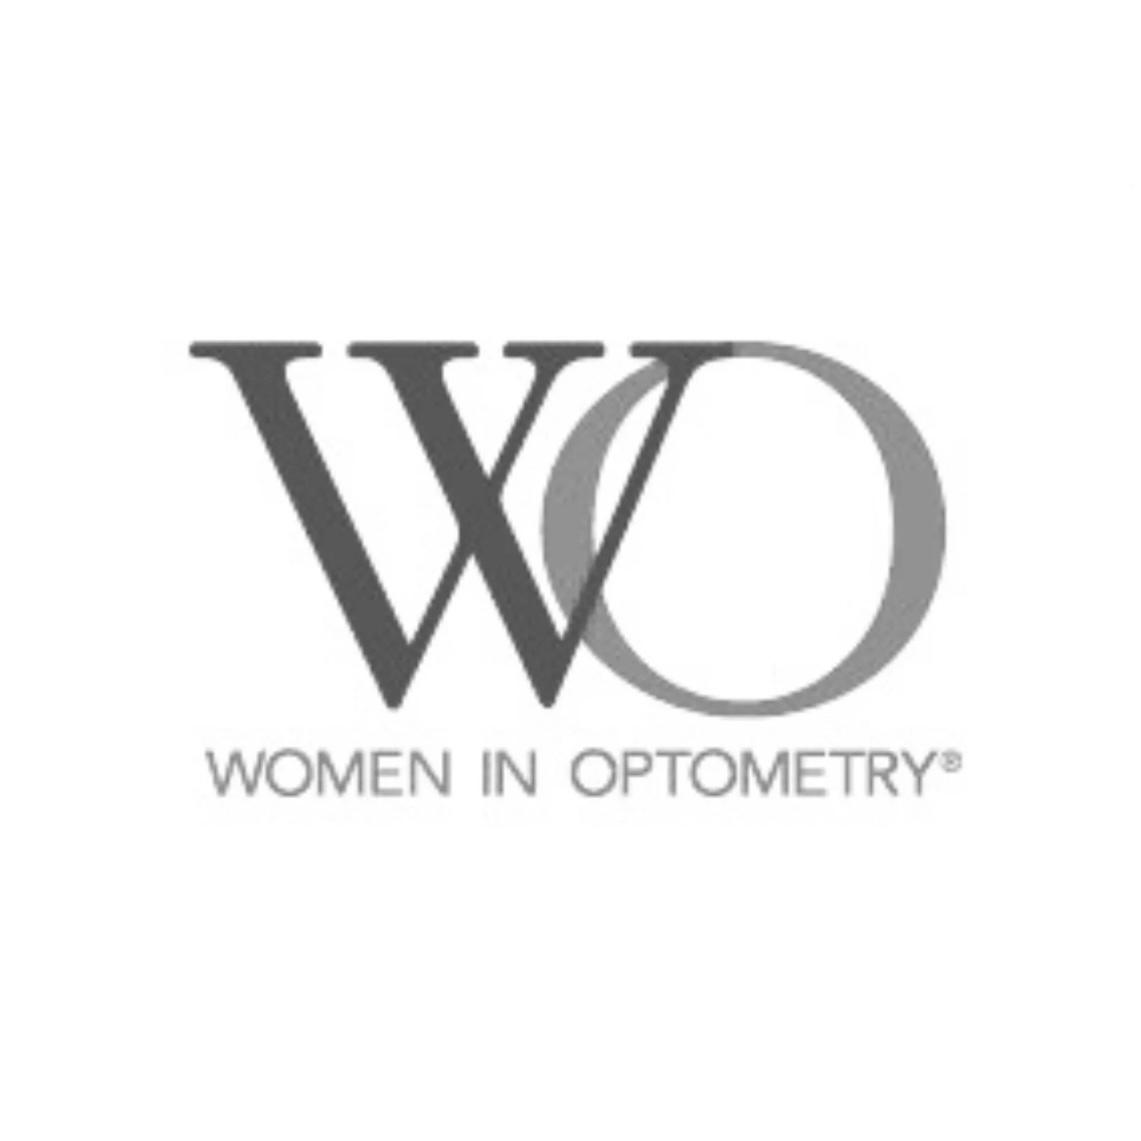 women in optometry logo